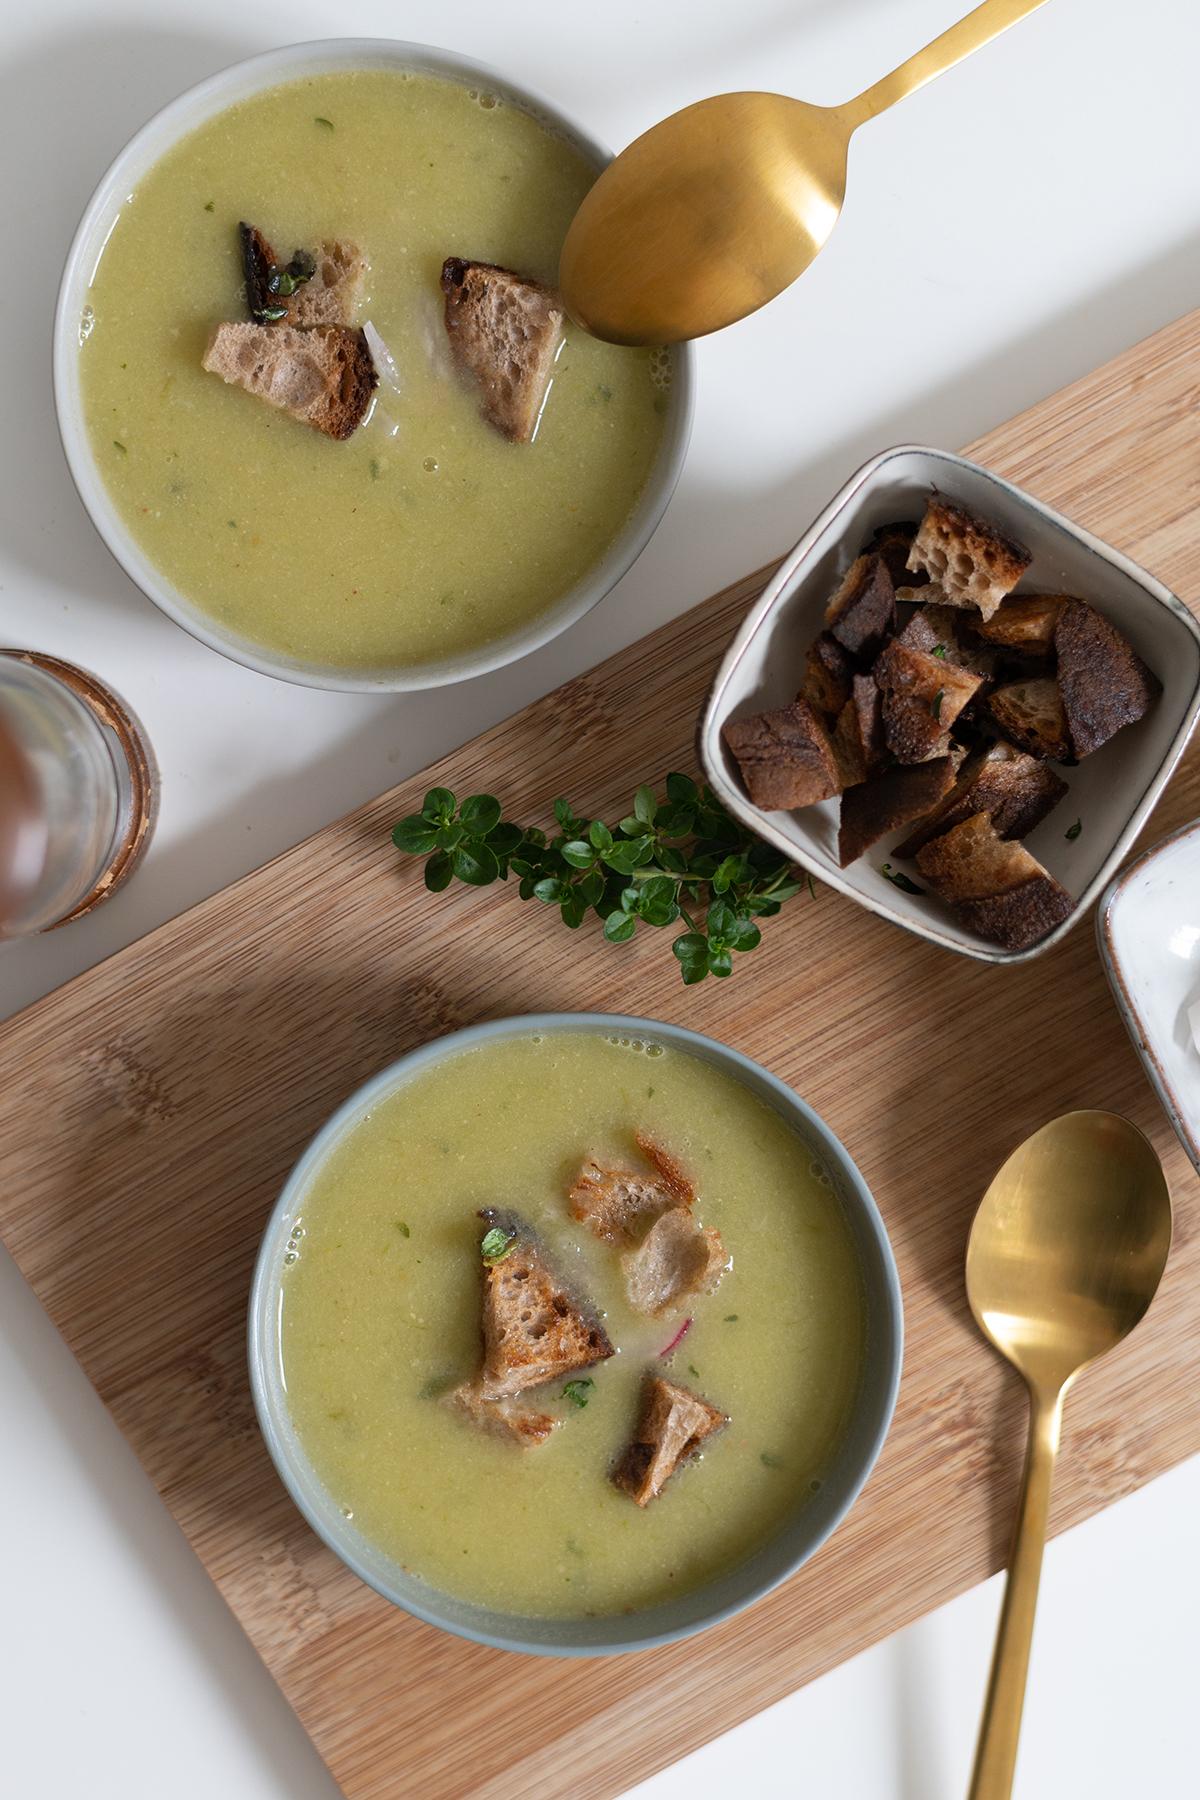 Knoblauchsuppe mit Jungknoblauch vegan | we love handmade